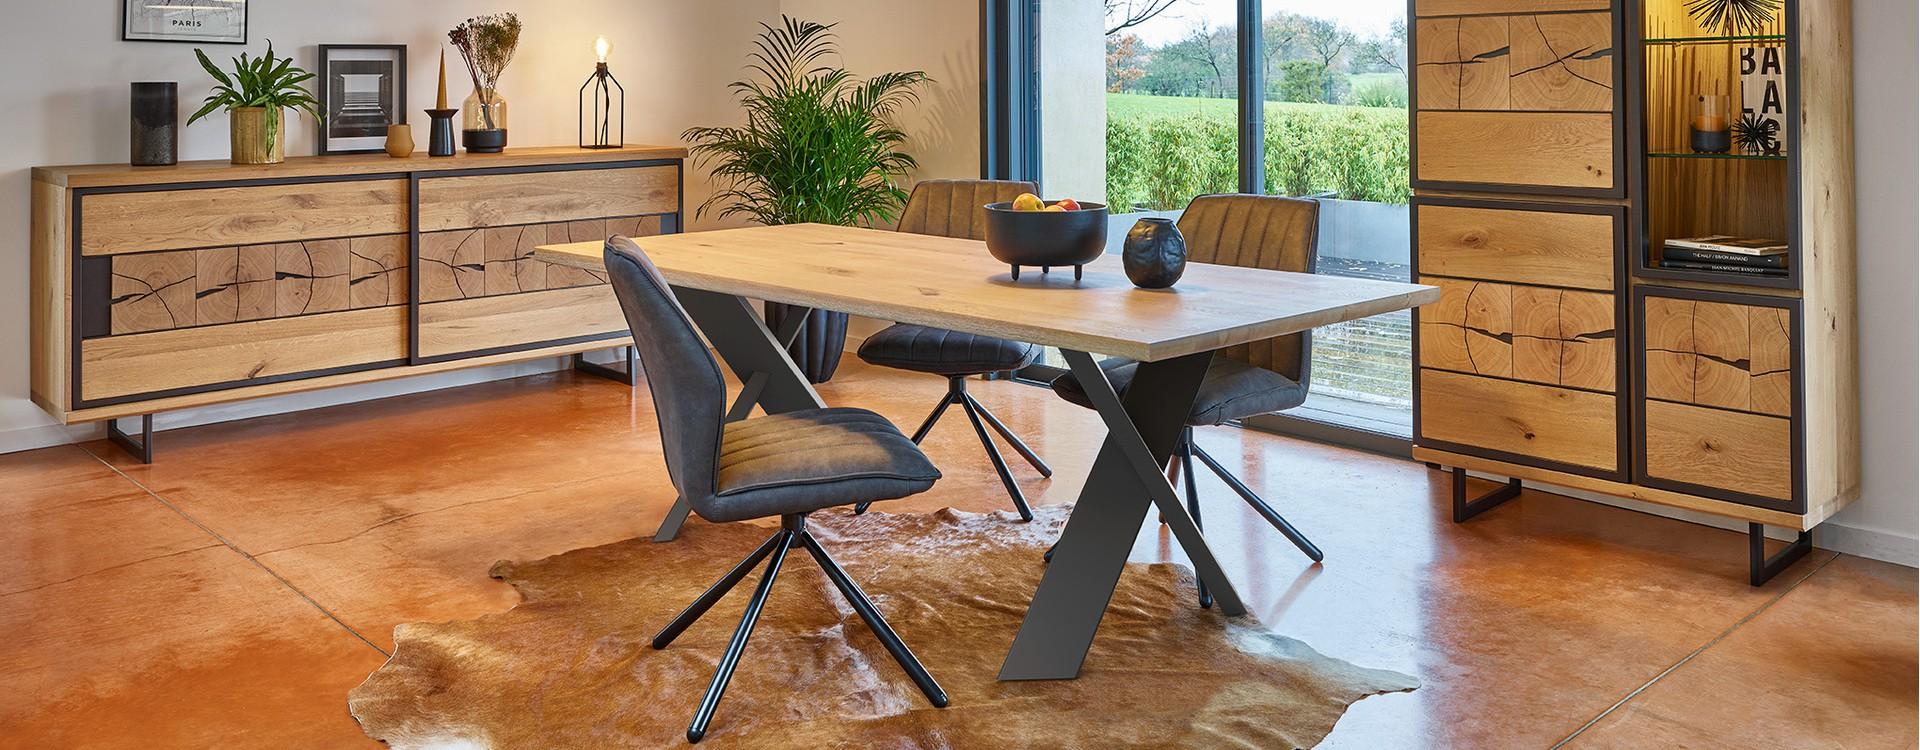 Tendance industrielle : 5 idées de tables à manger bois et métal